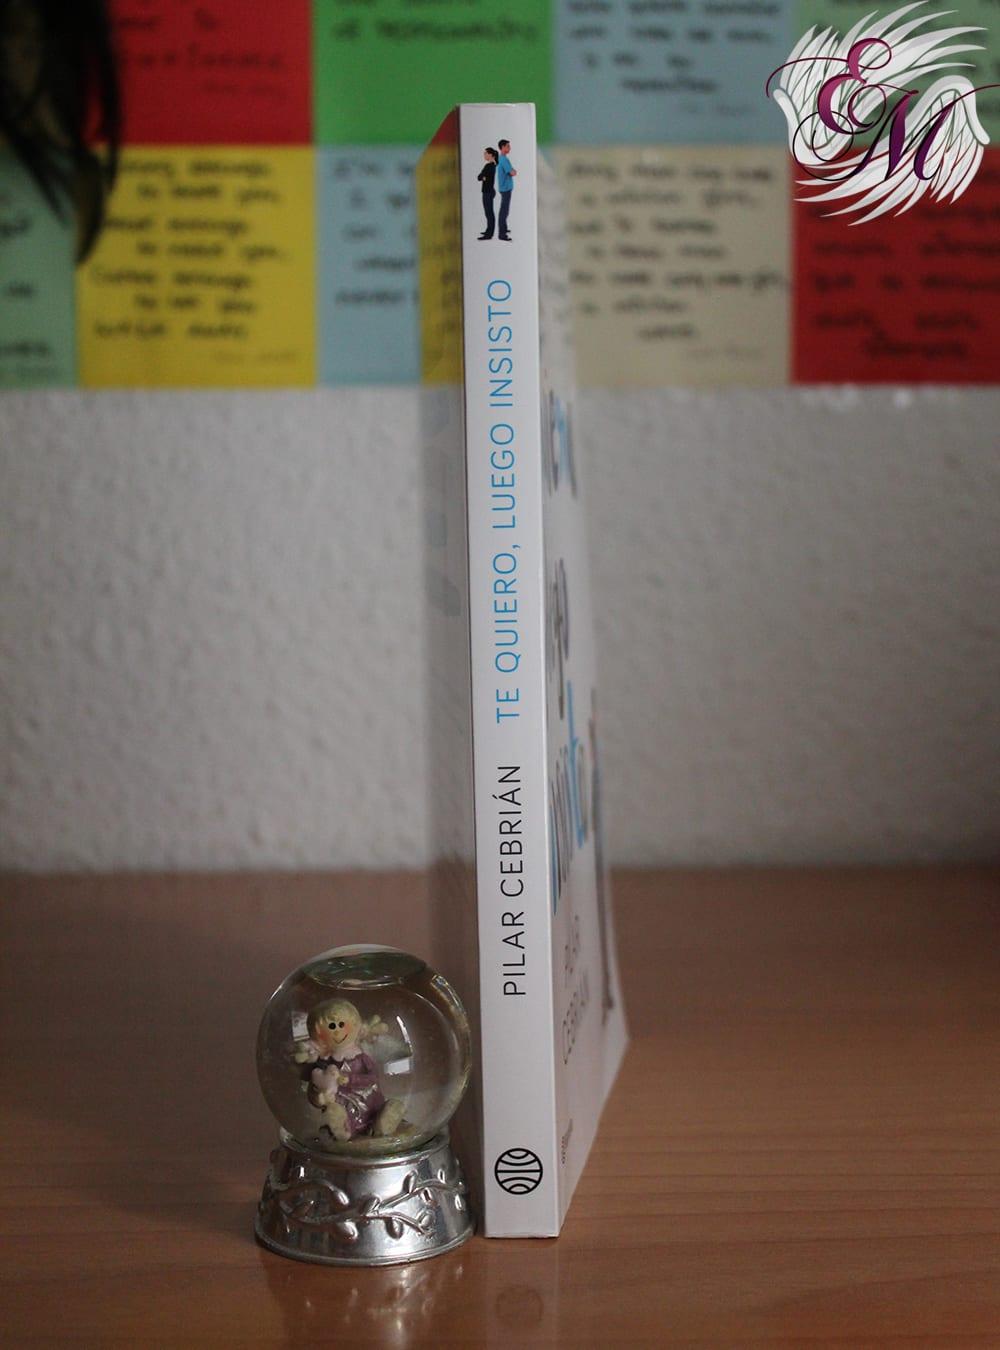 Te quiero, luego insisto, de Pilar Cebrián - Reseña